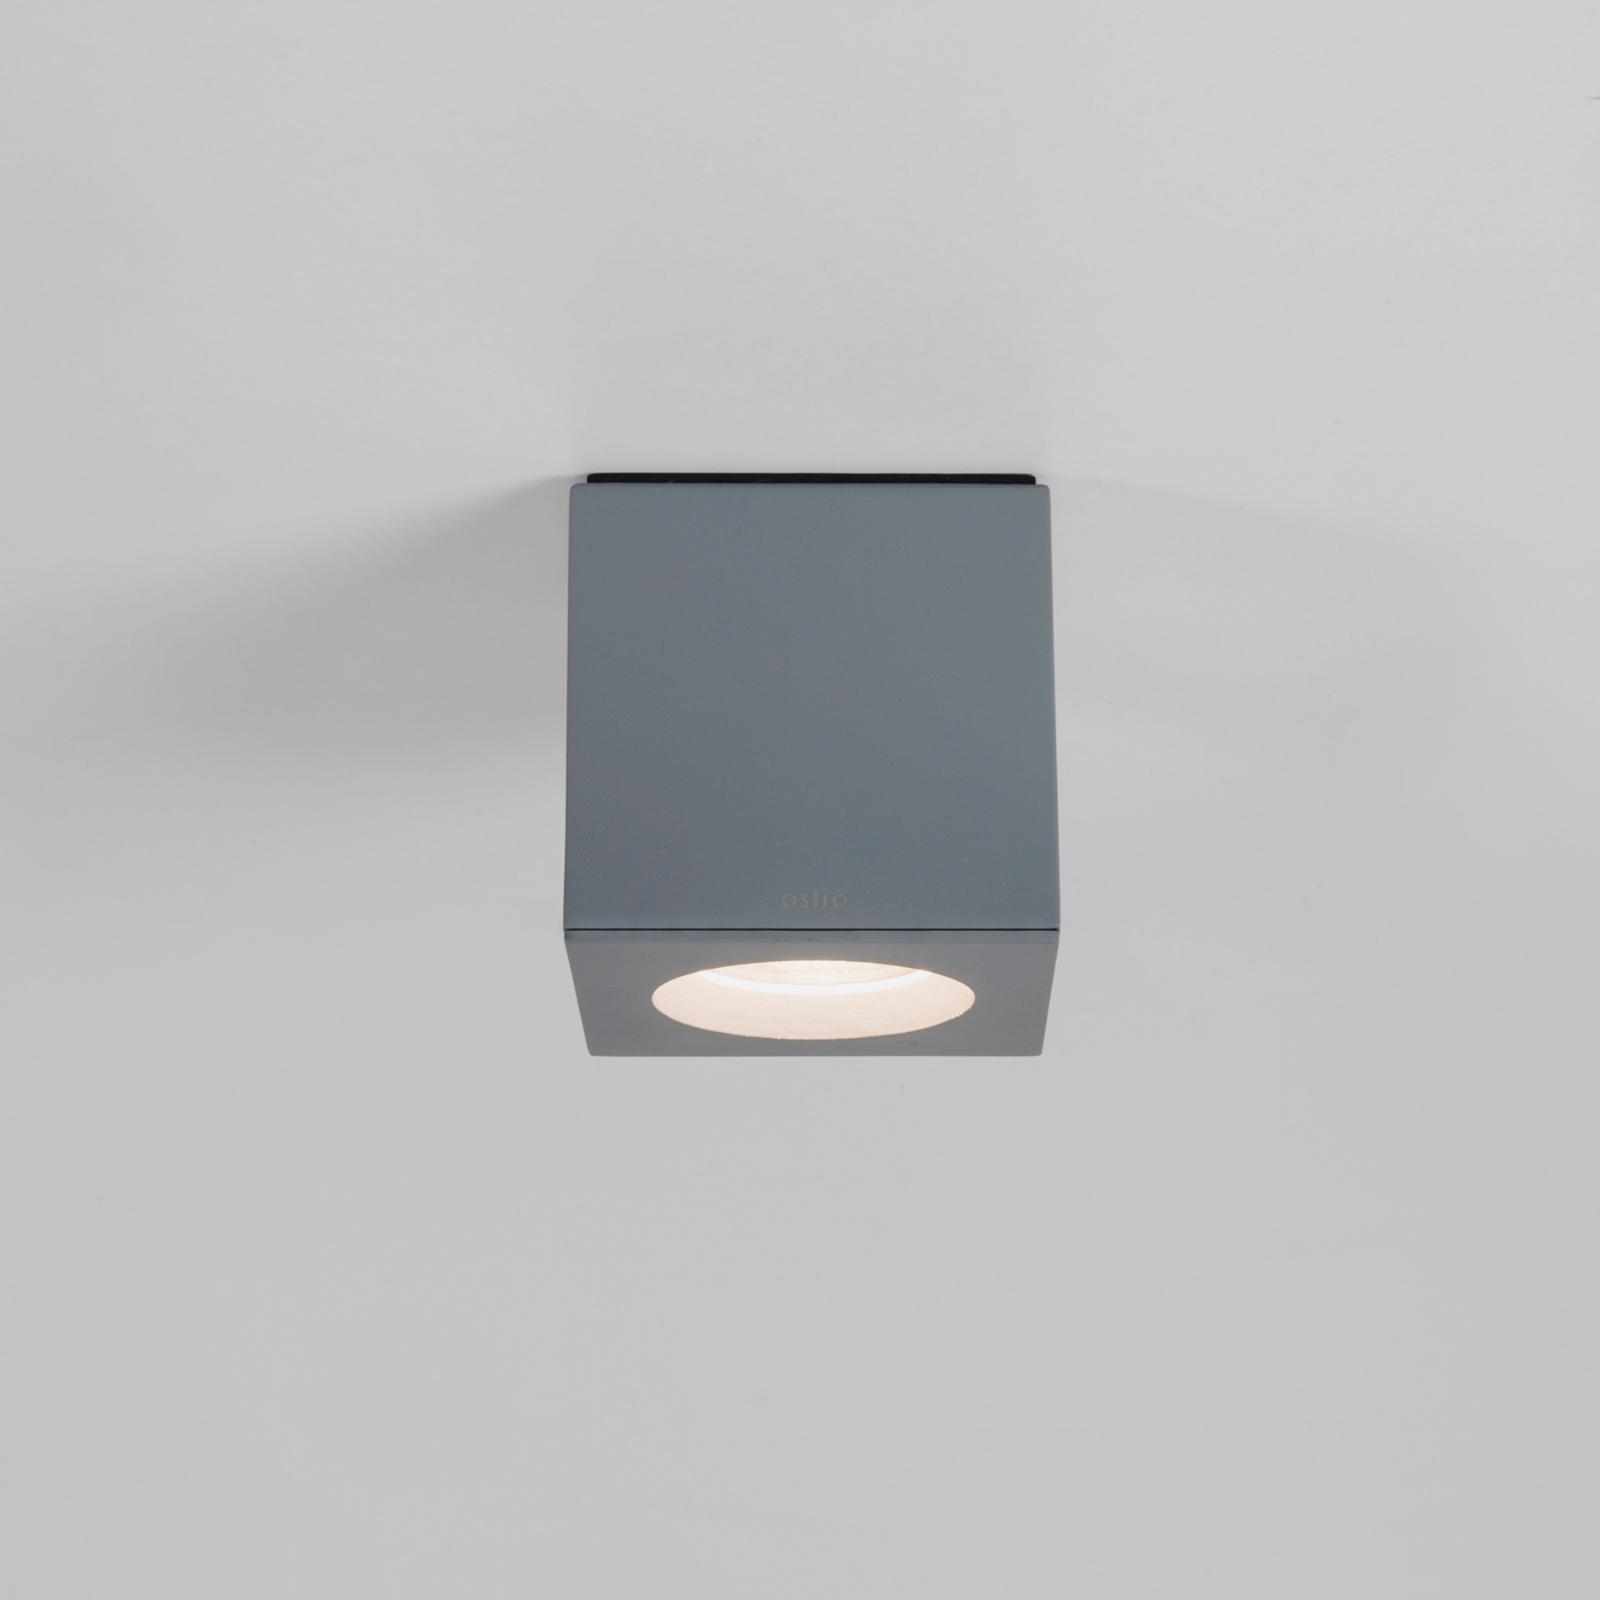 Astro Kos Square loftlampe, grå